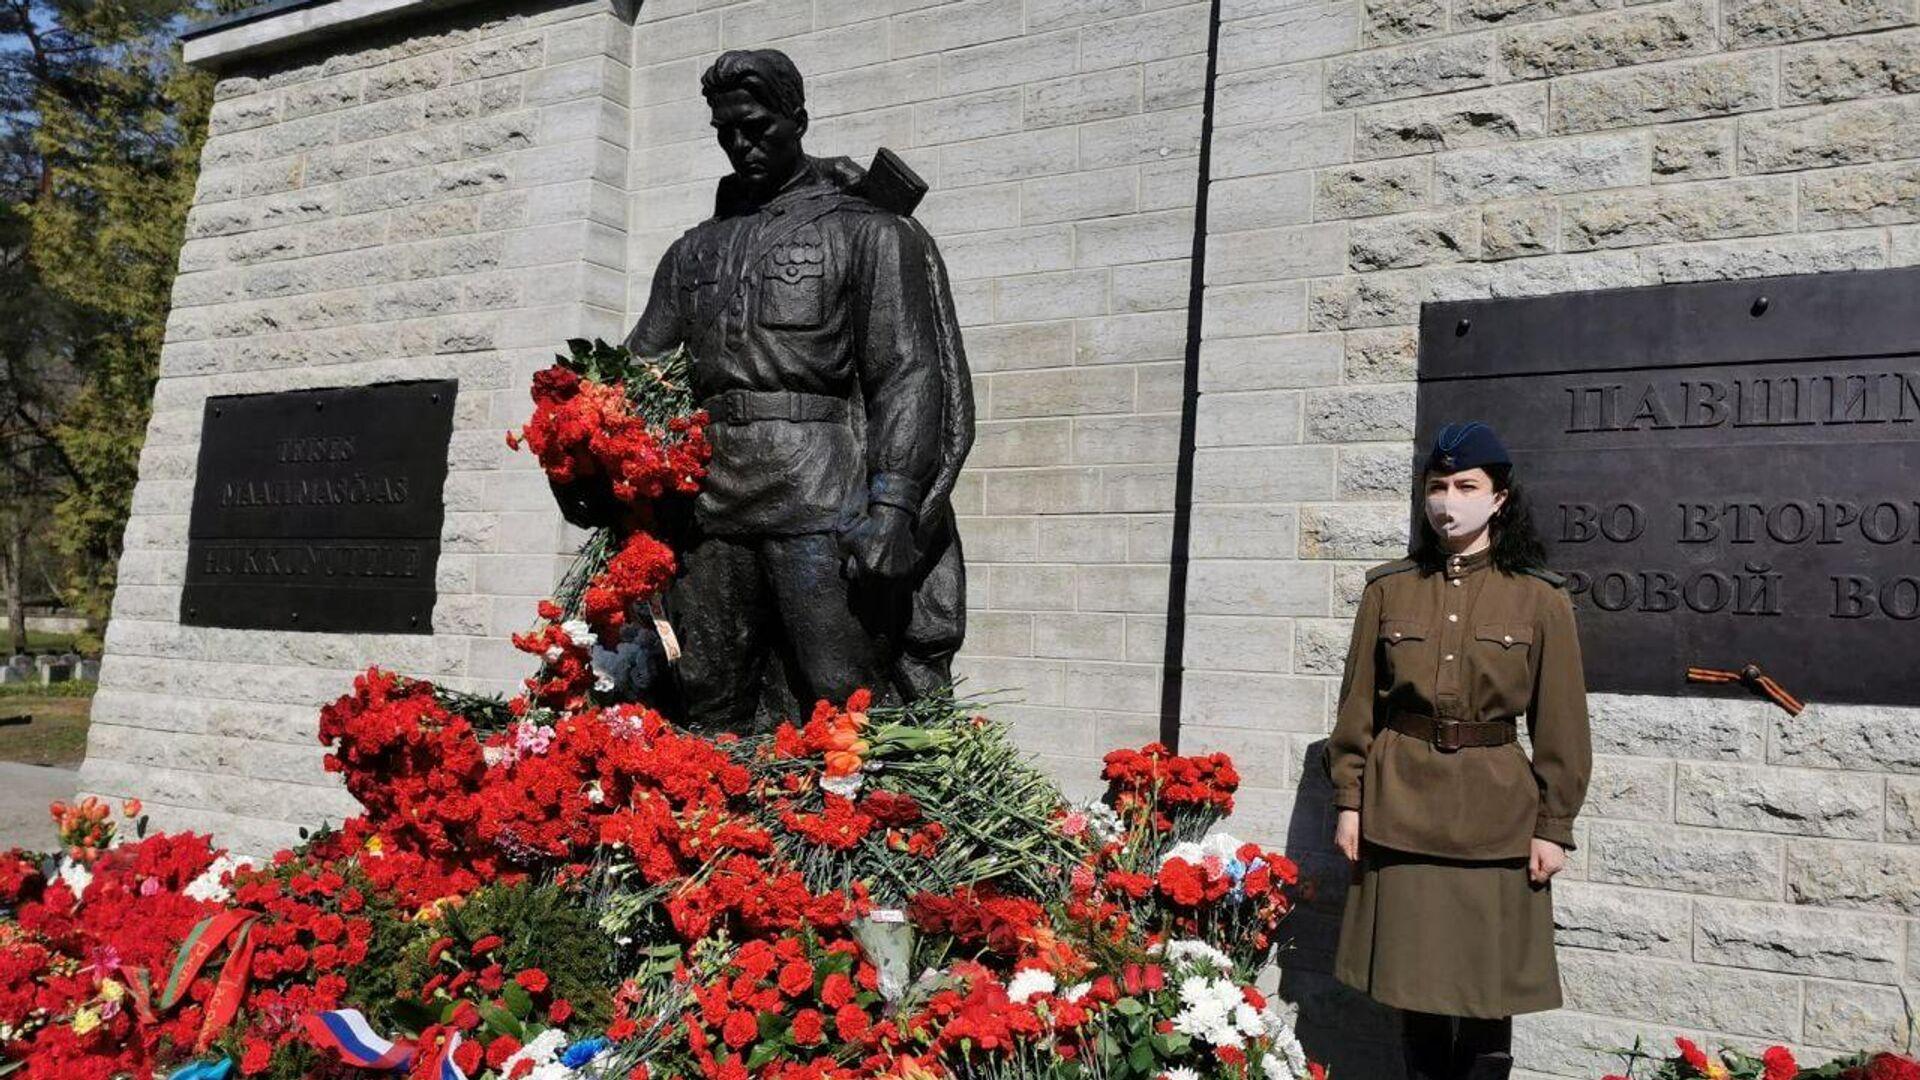 В почетном карауле один человек у Бронзового солдата в Таллине   - РИА Новости, 1920, 09.05.2021